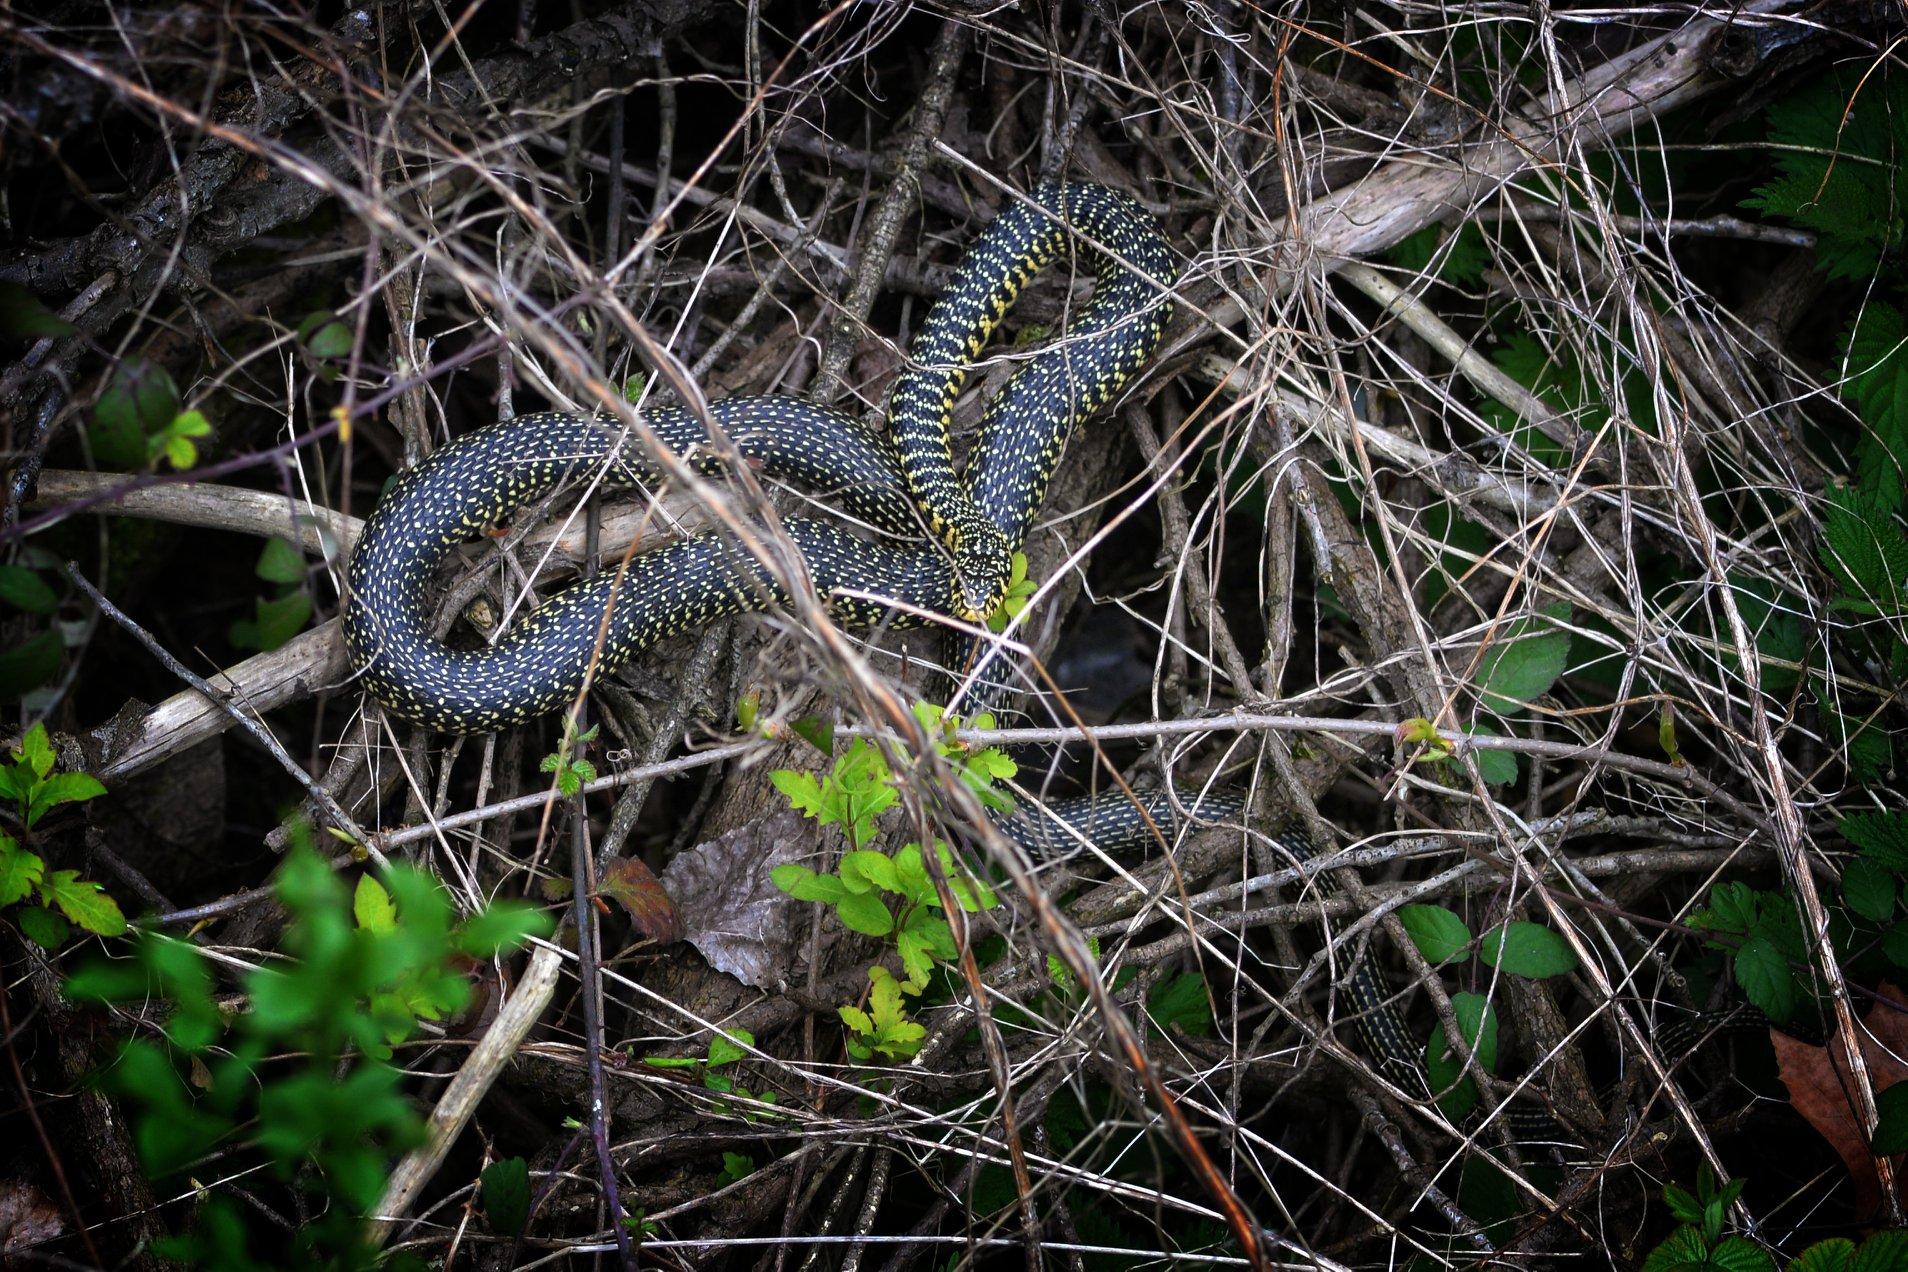 https://cdnfiles1.biolovision.net/www.faune-ain.org/userfiles/3070974816574683543419288155818453274460160o.jpg